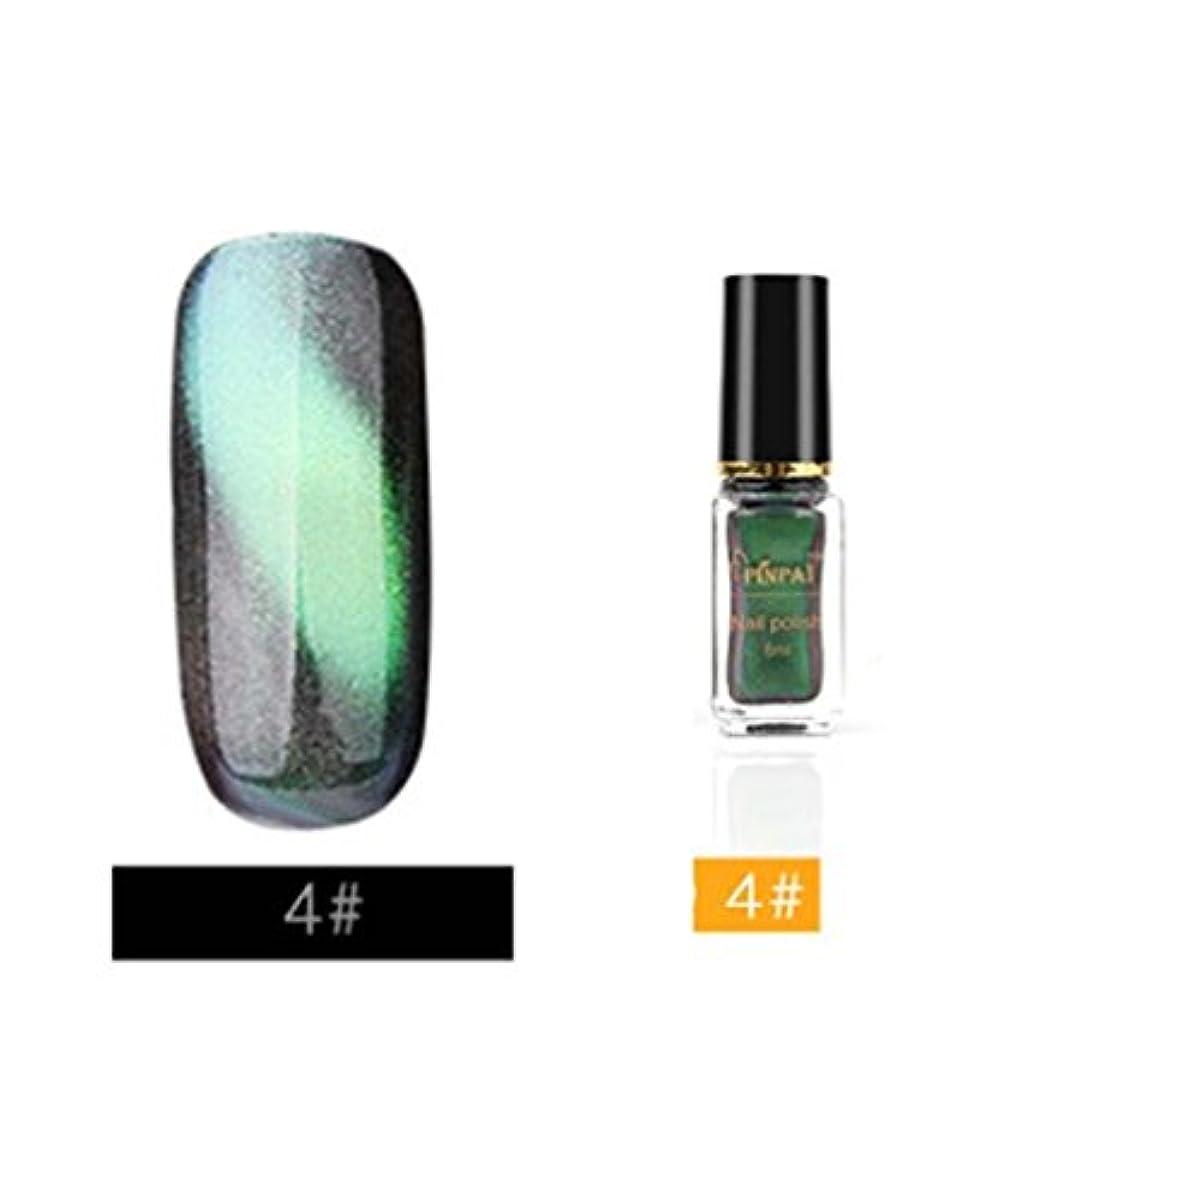 インポート袋第二カラー ネイルカラー BOBOGOJP 人気 流行 キャッツアイマニキュア 塗りやすい キラキラ マニュキア ネイルポリッシュ 3D Cat Eye Nail Polish ネイルケアツール 指先 爪先 (D)